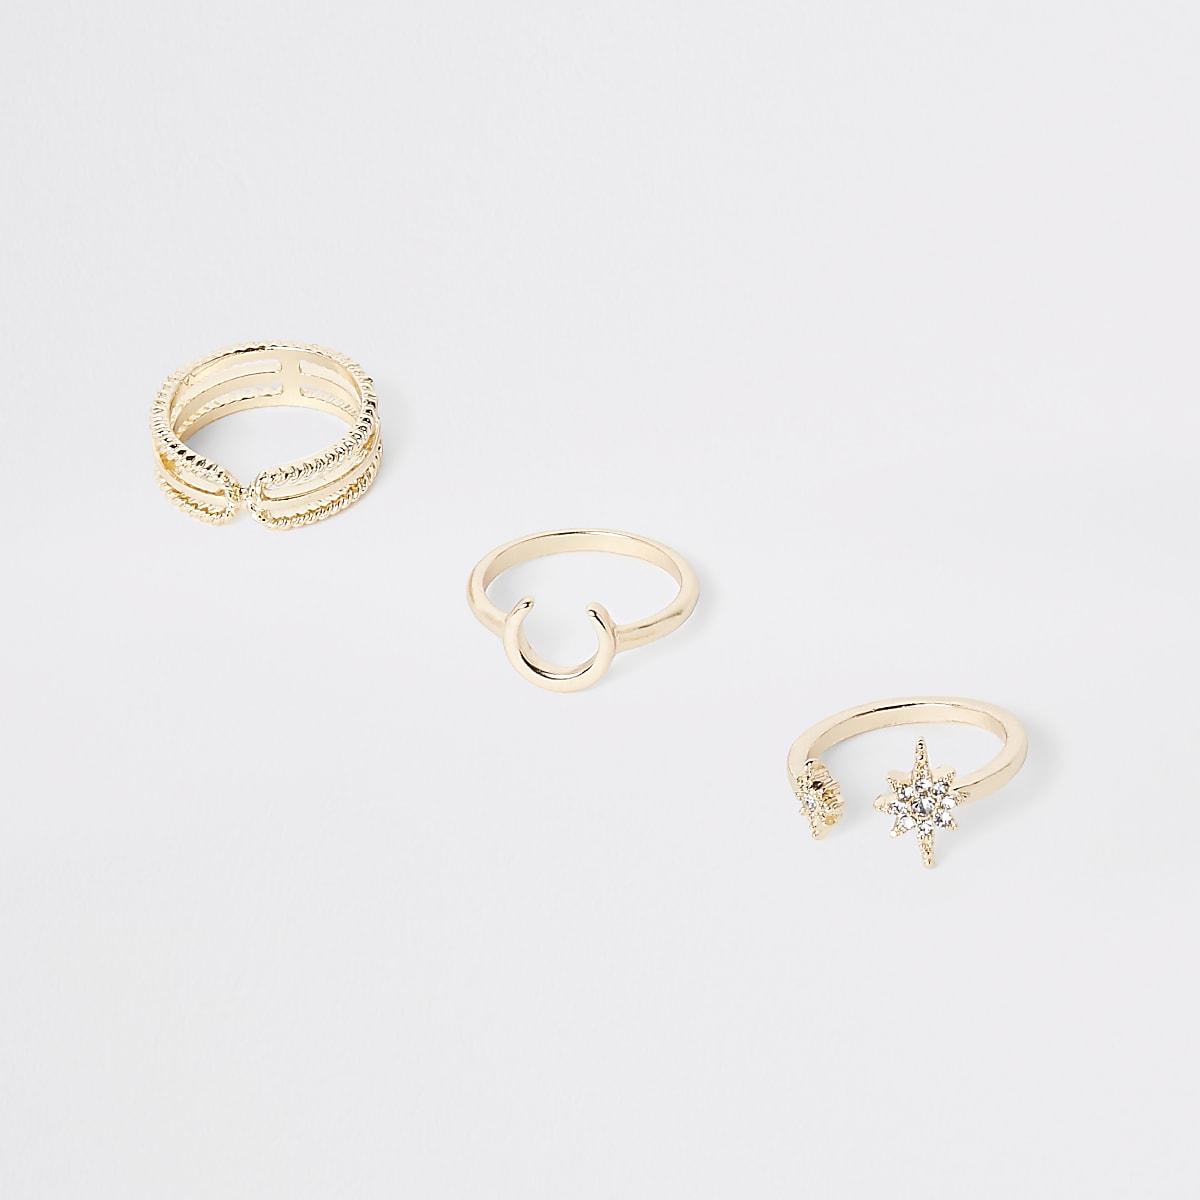 Gold color rhinestone horseshoe ring pack